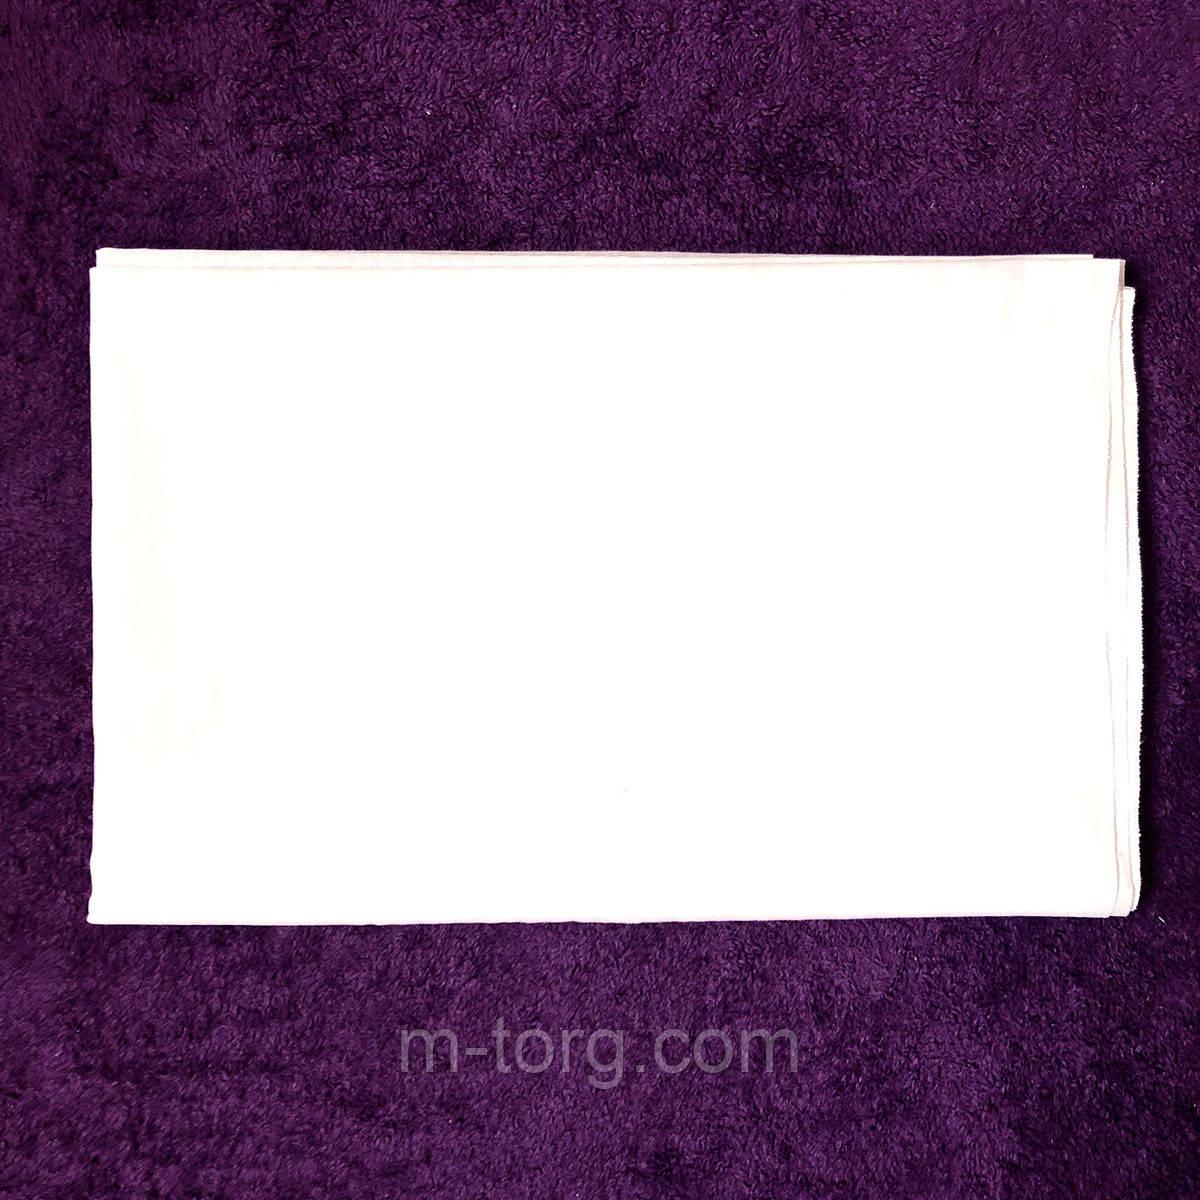 Простынь белая 150*200 см,хлопок 100% ситец Украина